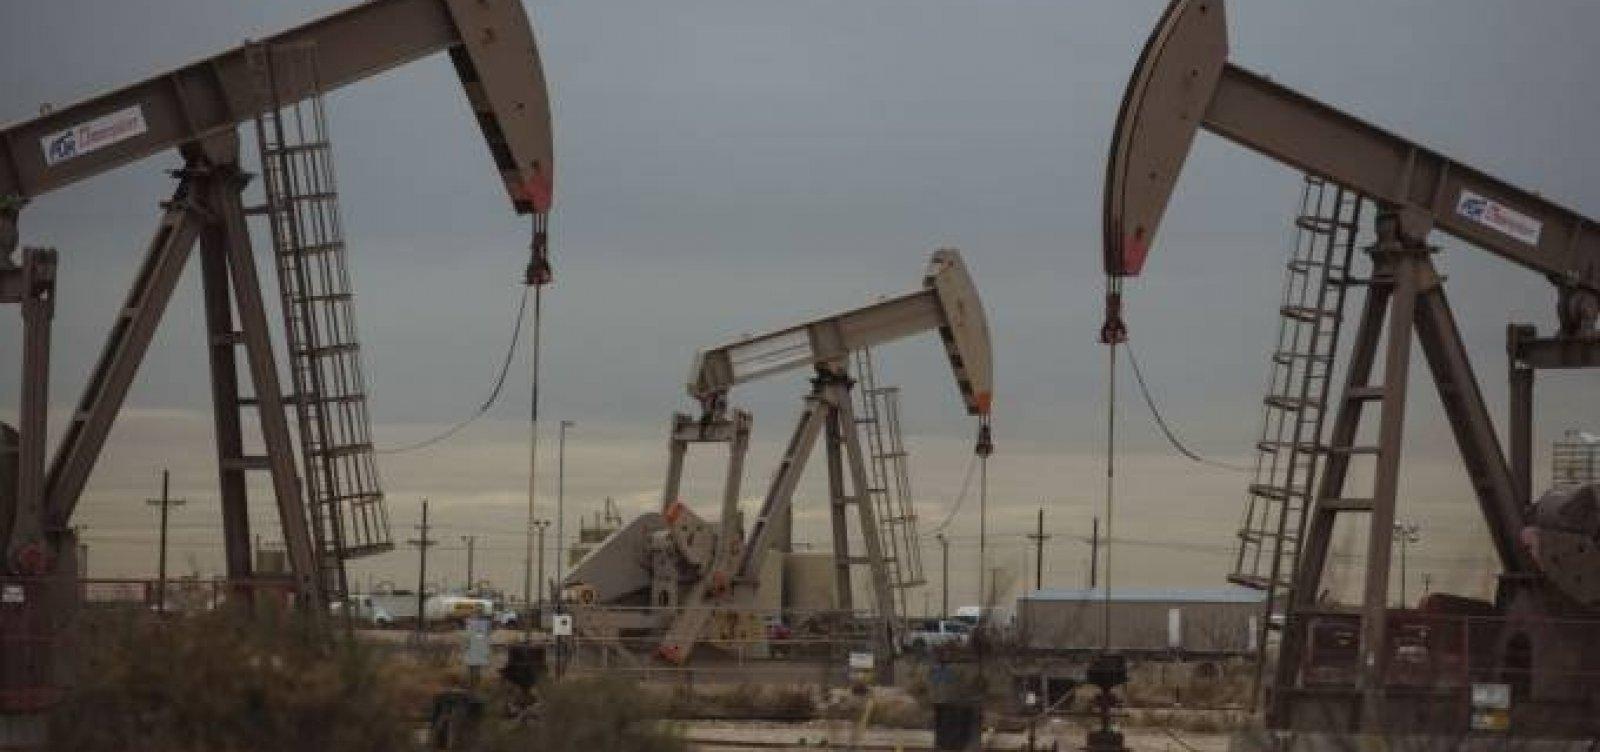 [Opep e aliados vão reduzir produção mundial de petróleo ]